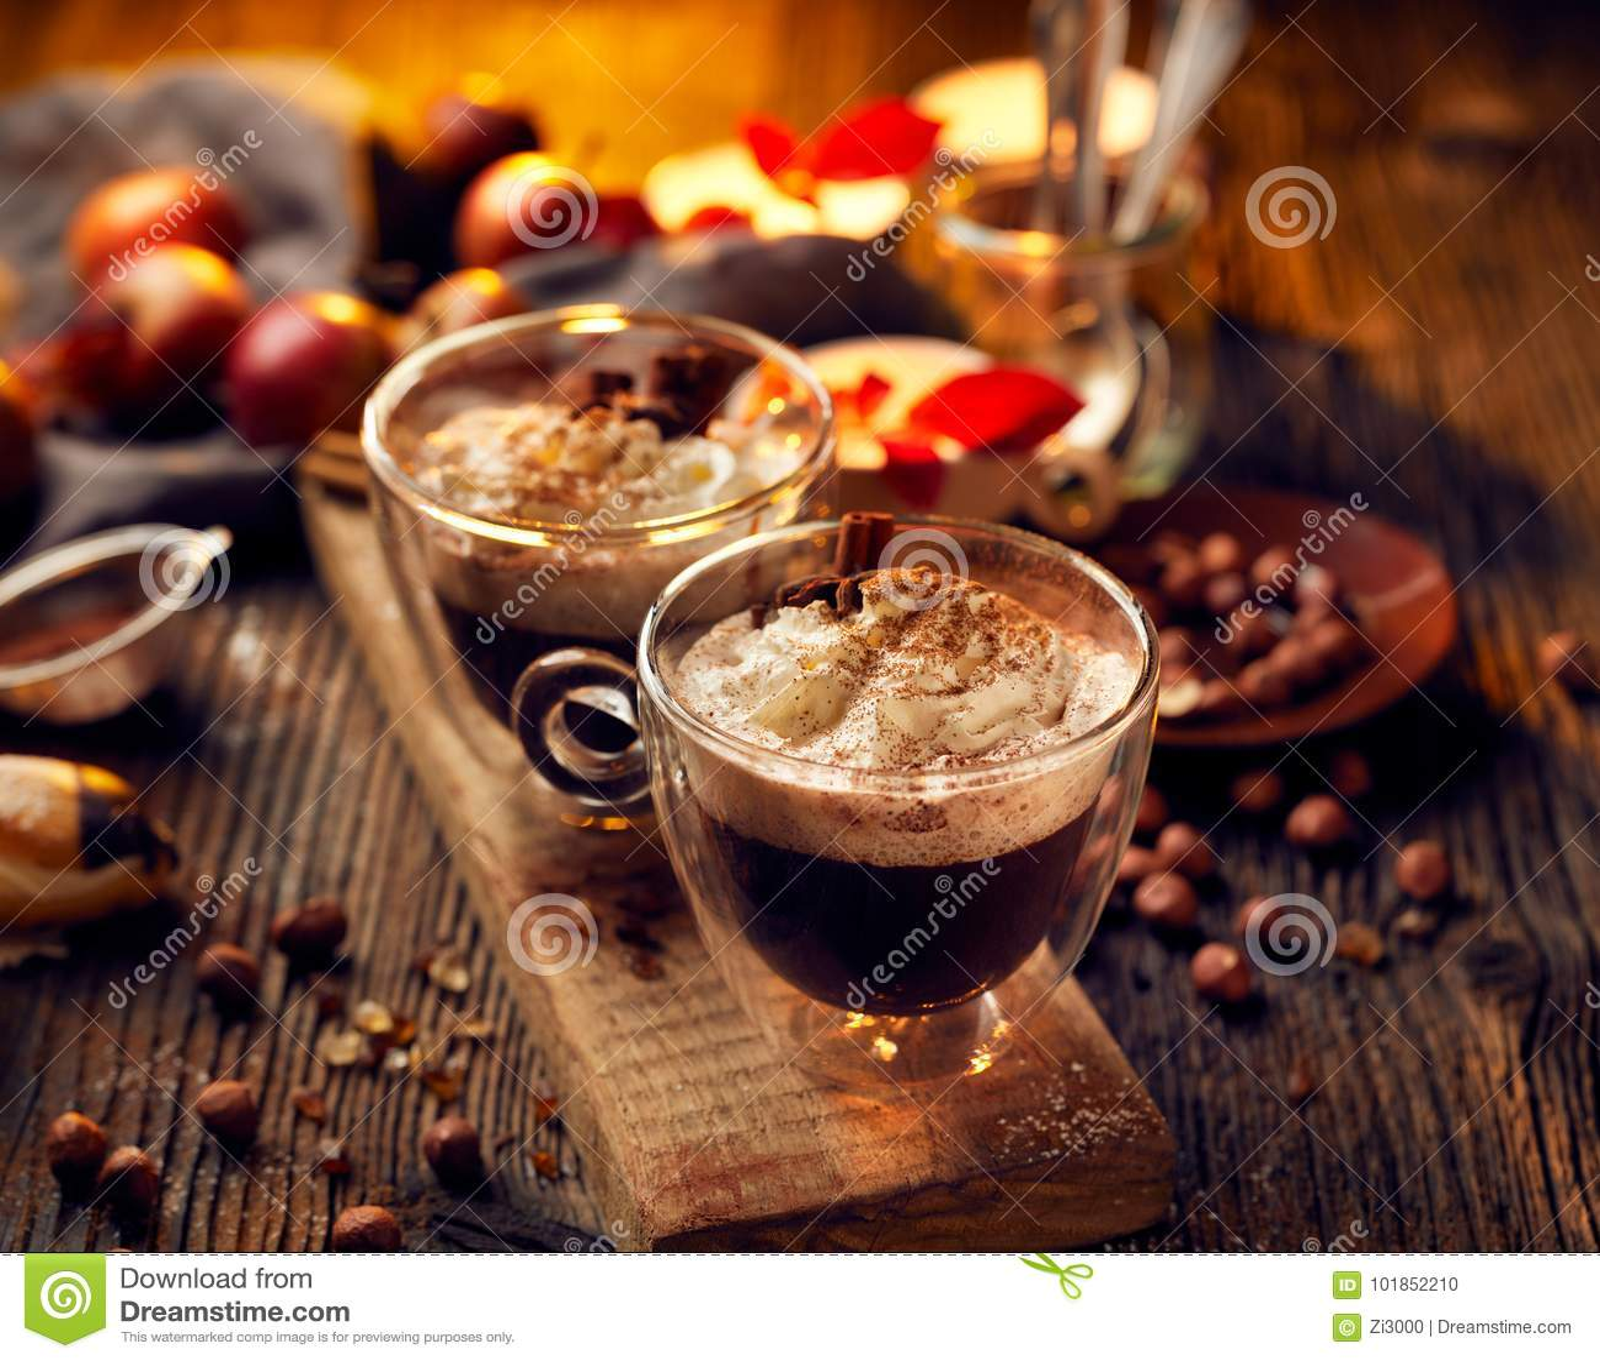 Καυτή σοκολάτα με την κτυπημένη κρέμα, που ψεκάζεται με την αρωματική κανέλα στα φλυτζάνια γυαλιού